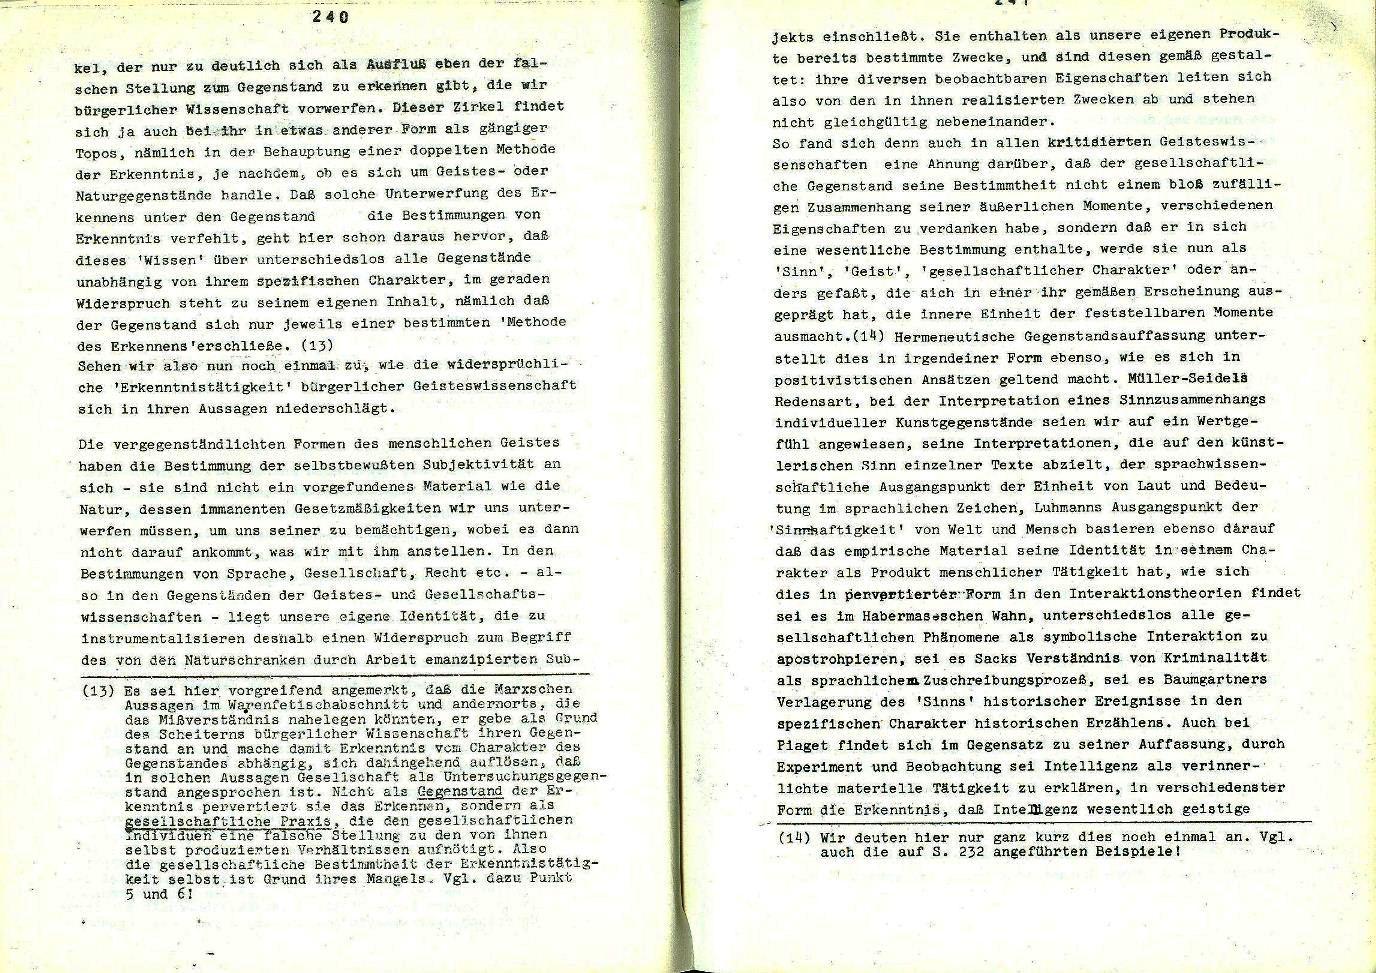 Muenchen_AK_Sozialistisches_Studium125